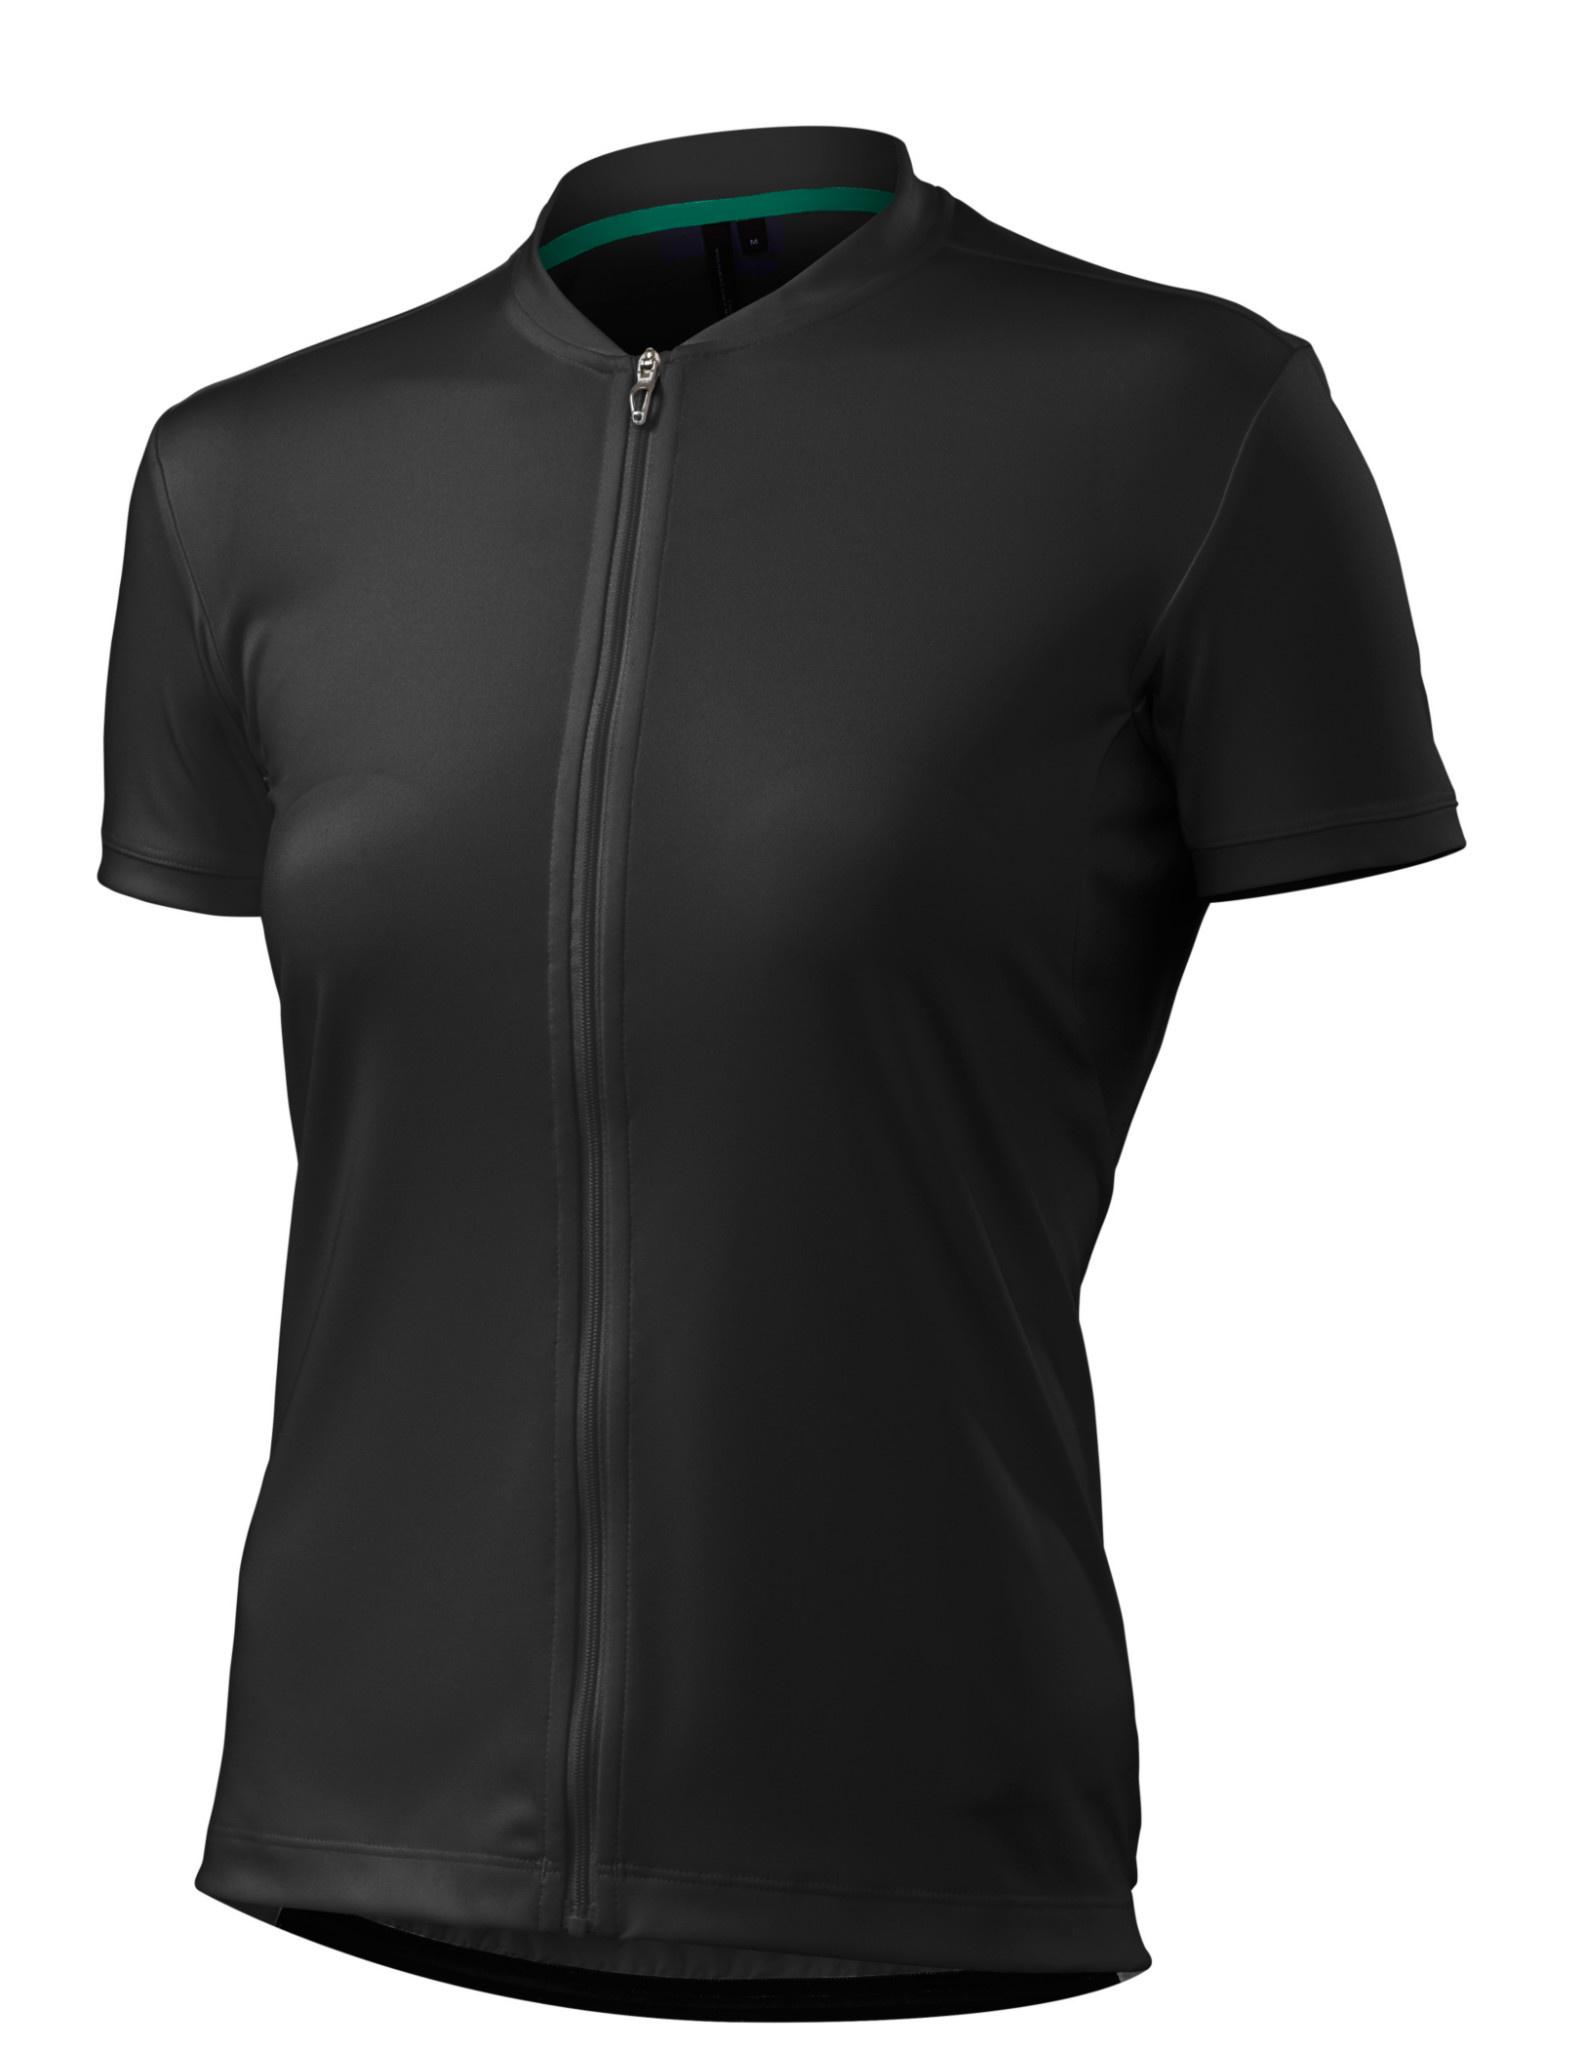 Specialized Specialized RBX Sport Jersey Women's*